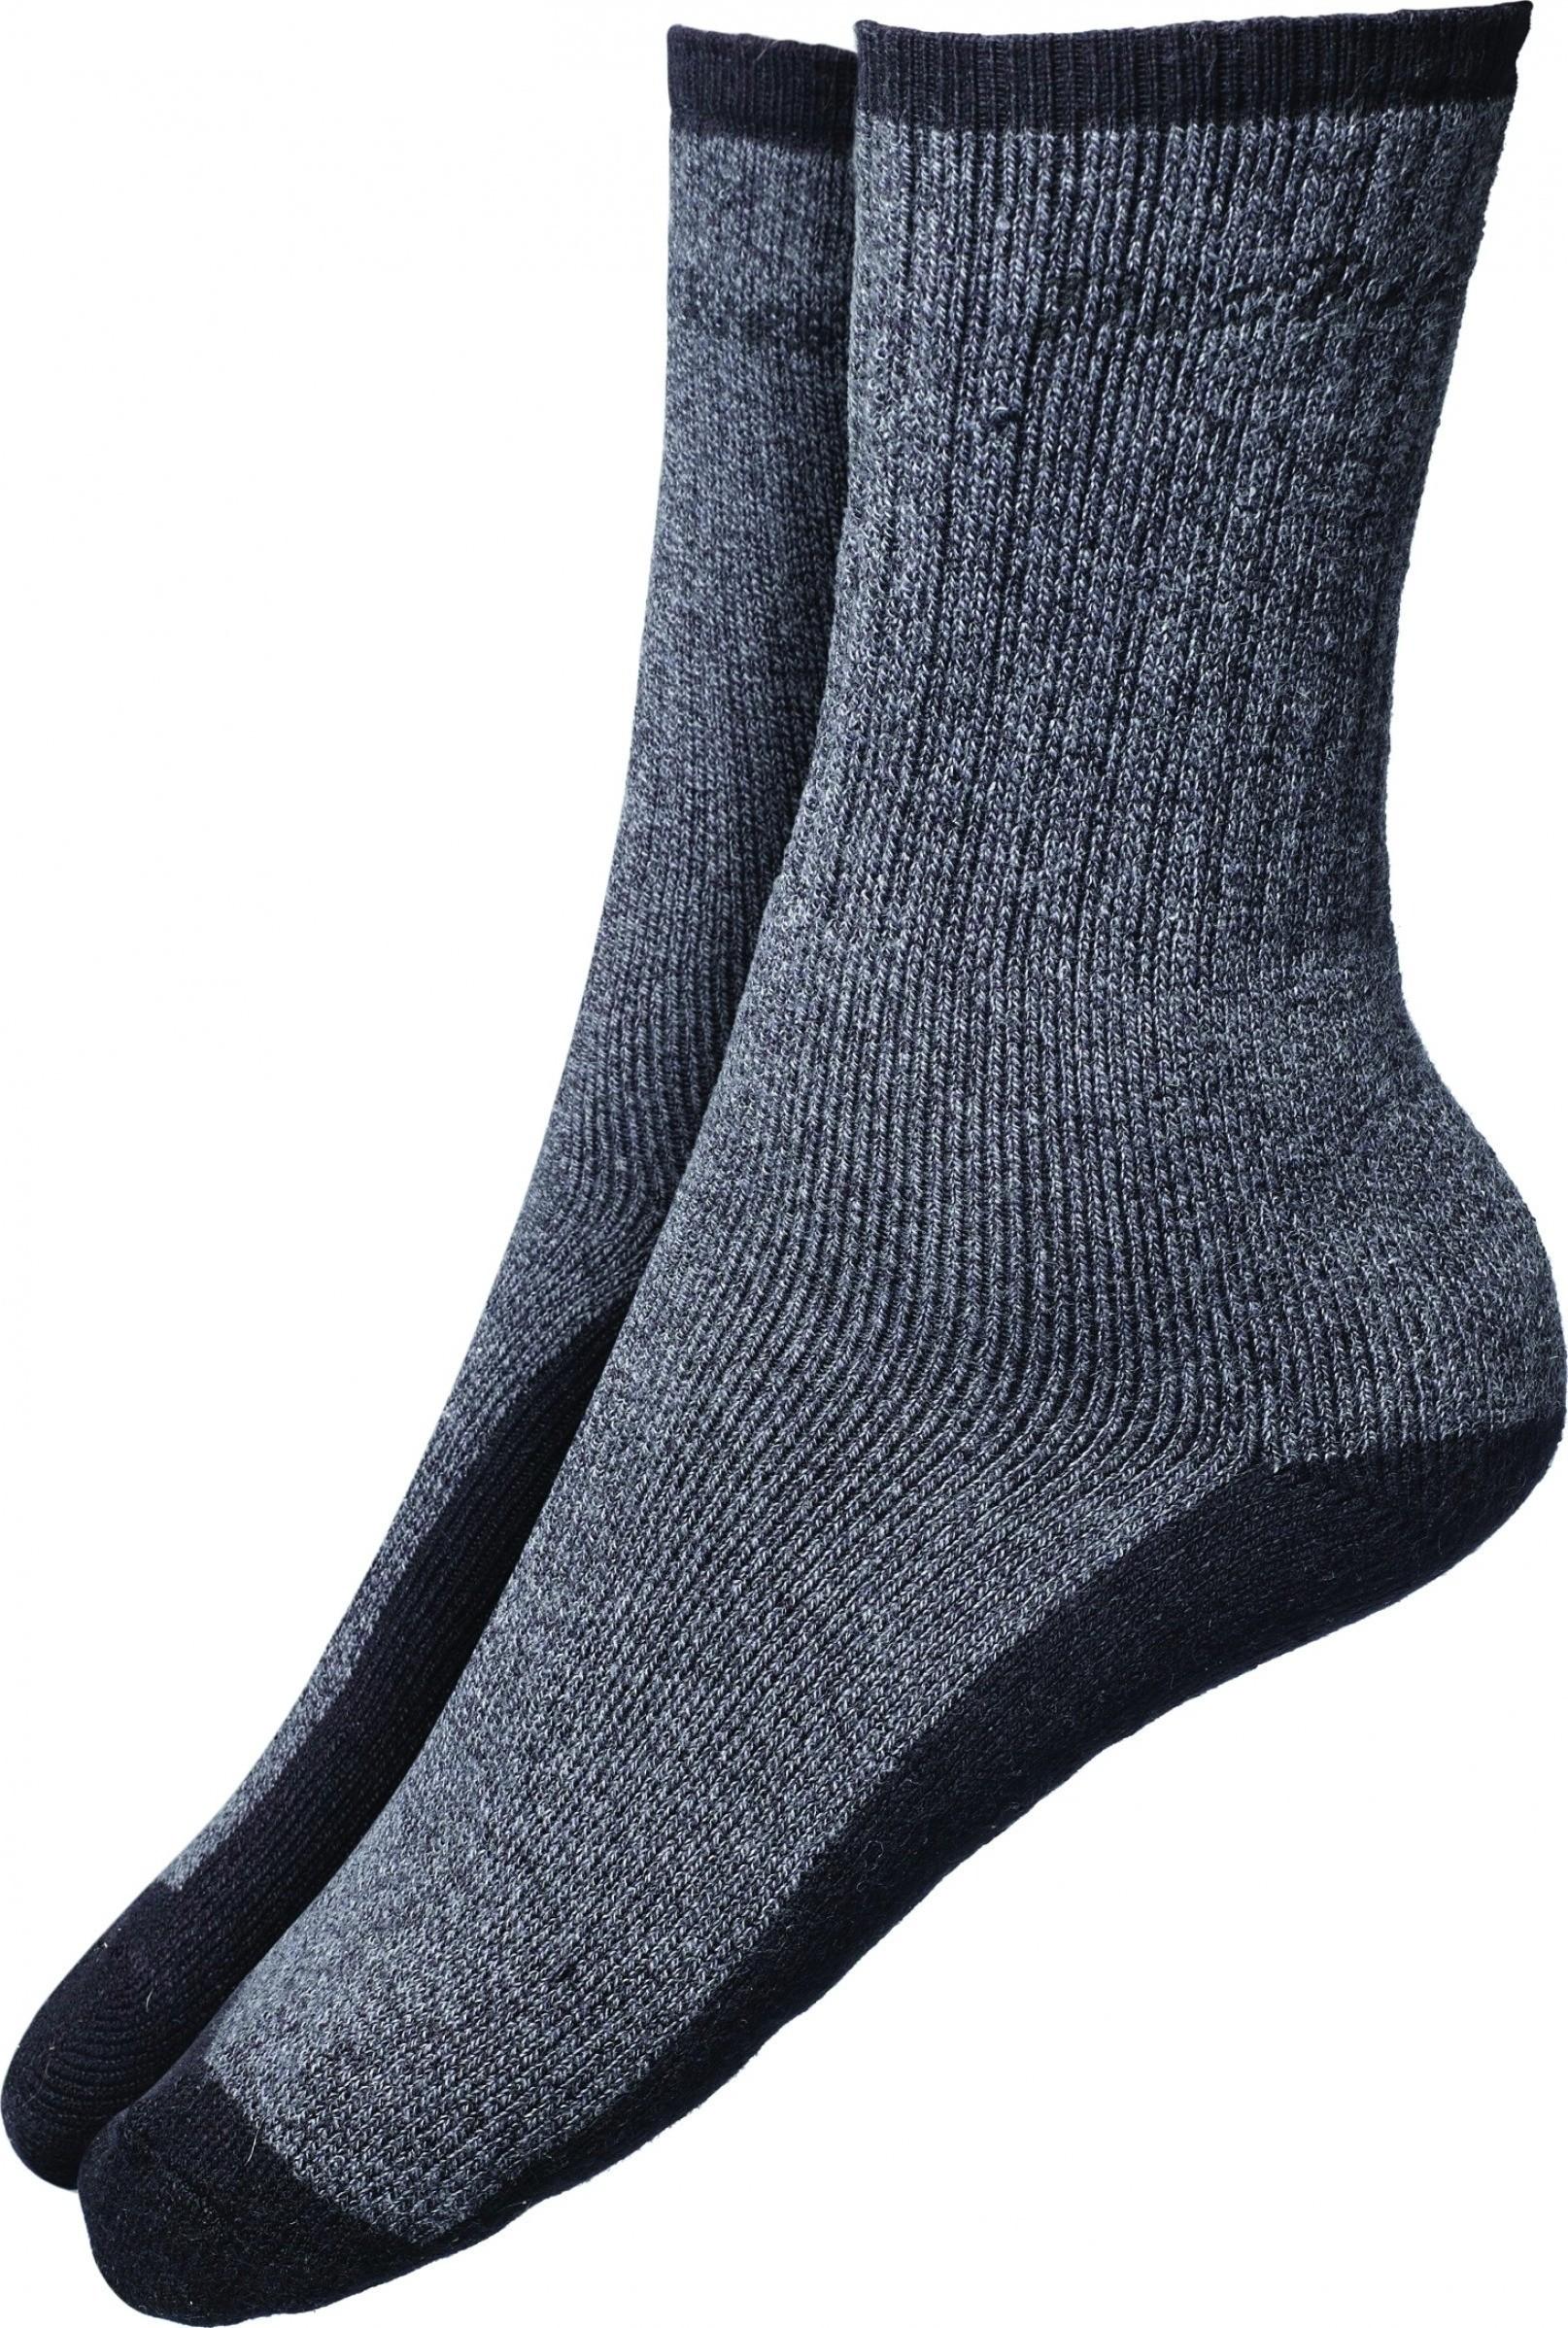 Κάλτσες Thermo Dickies - 2άδα